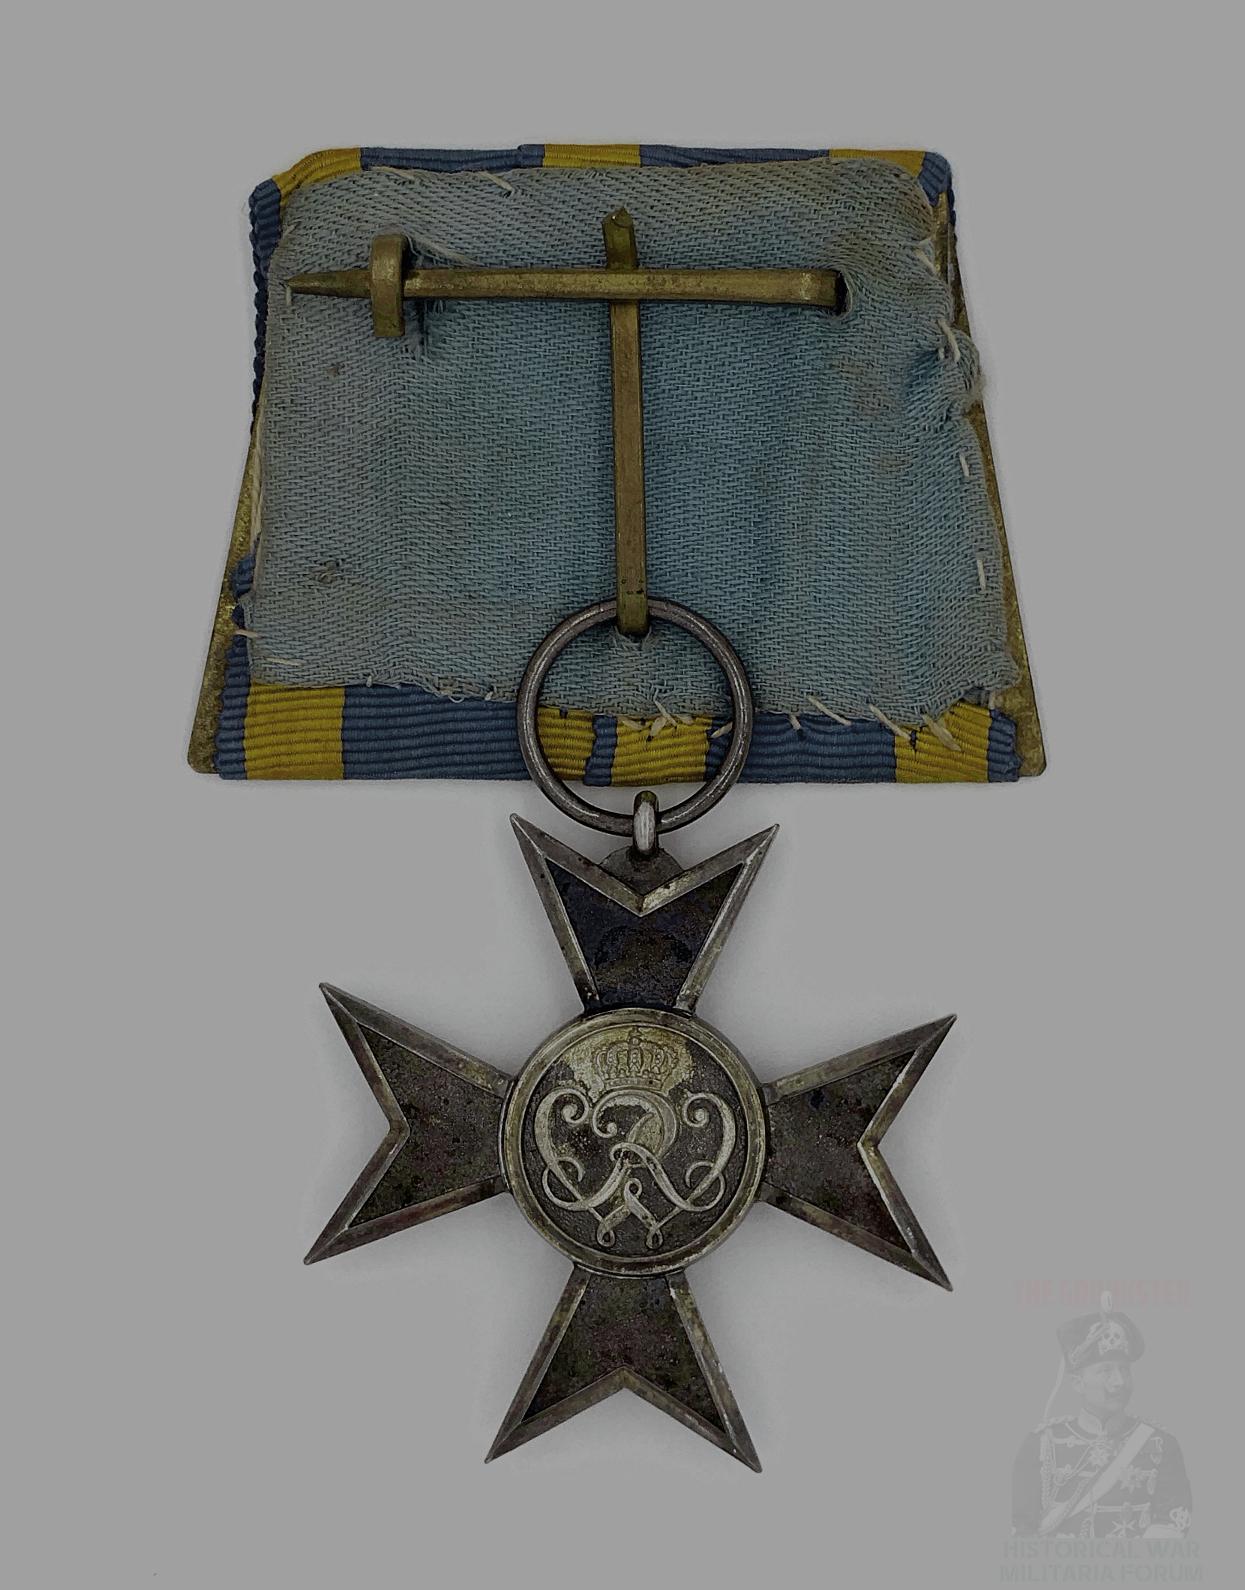 Preussen_Verdienstkreuz_Gold-01b.jpg